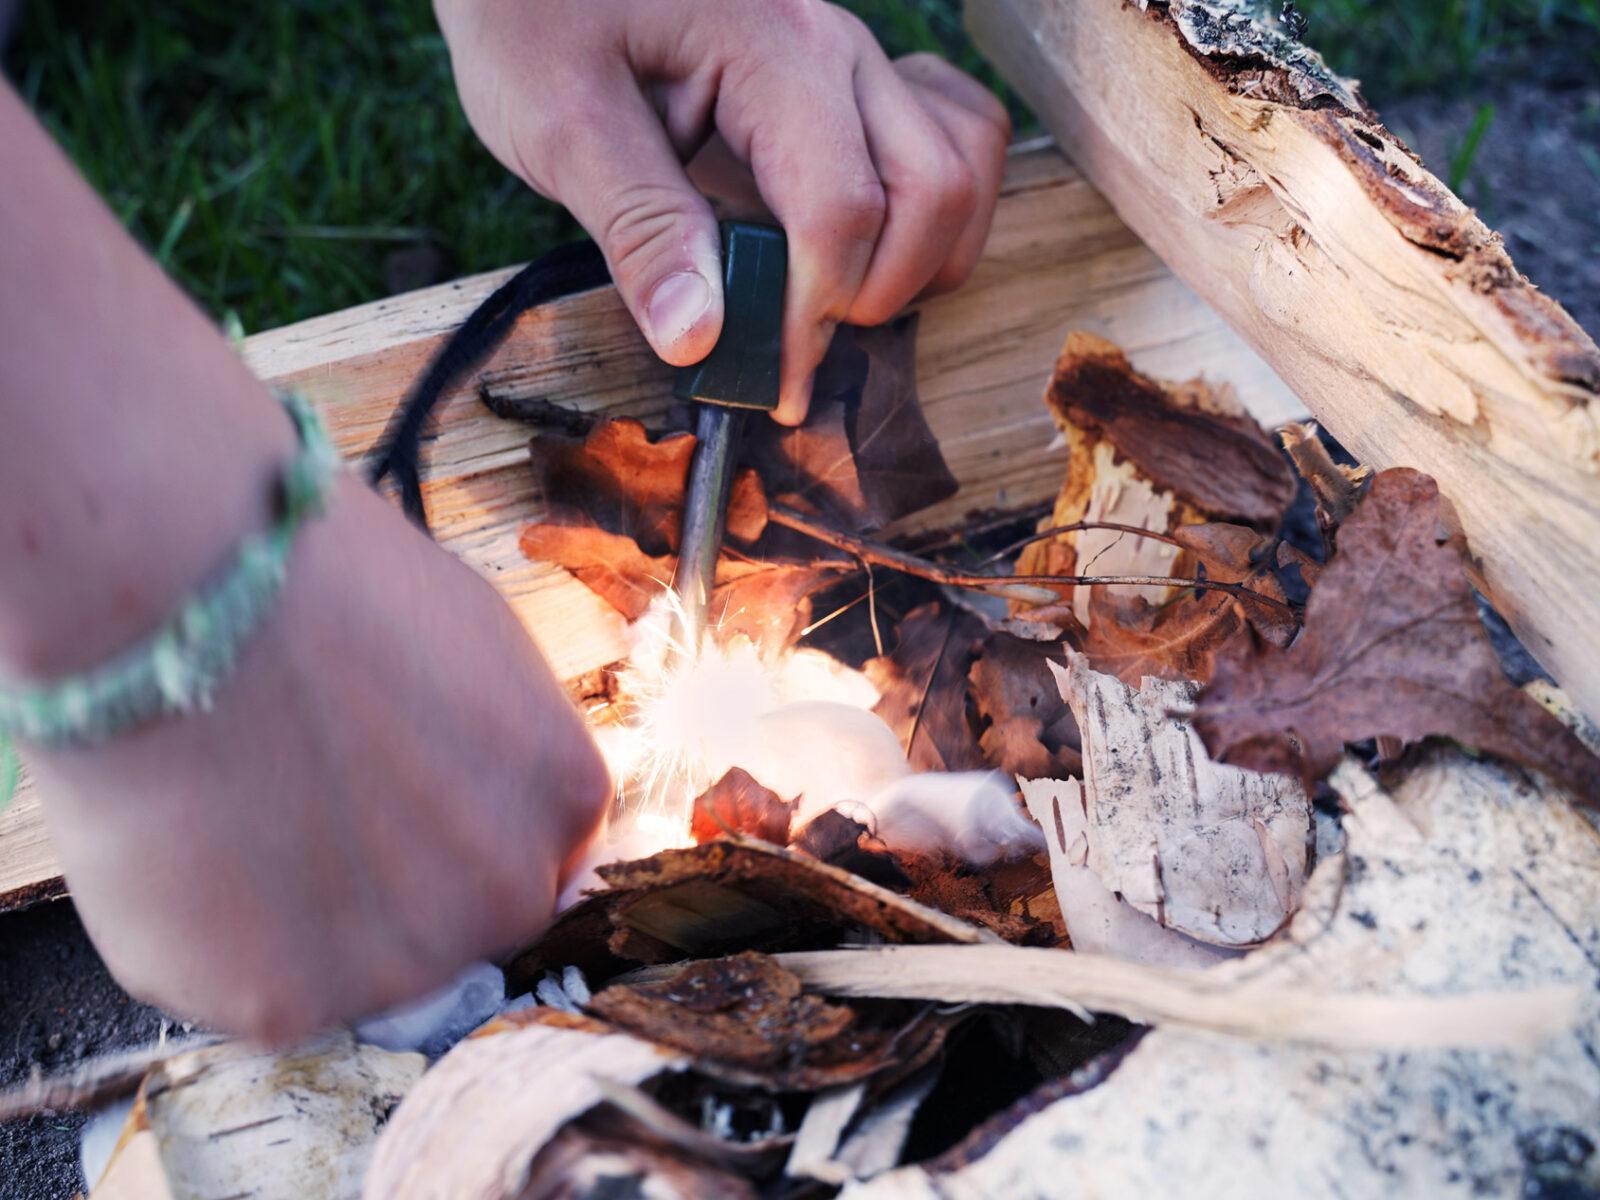 tändstål, eld, friluftsliv, skola, utomhus